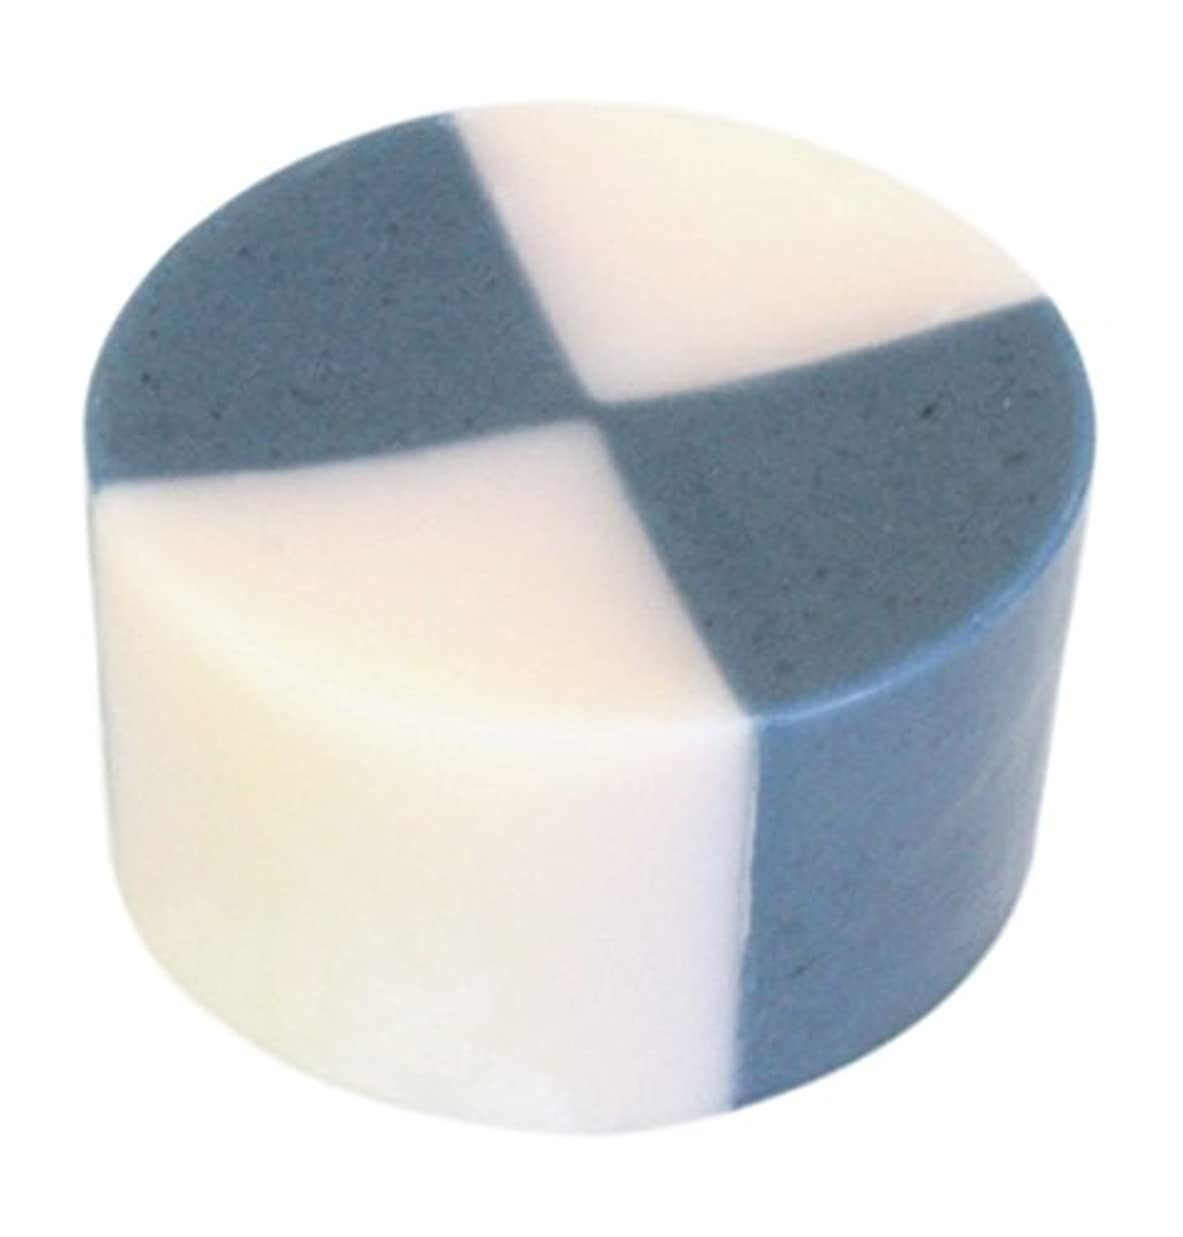 ワゴンスパーク答え藍色工房 藍染め石けん「いちまつ」(60g)